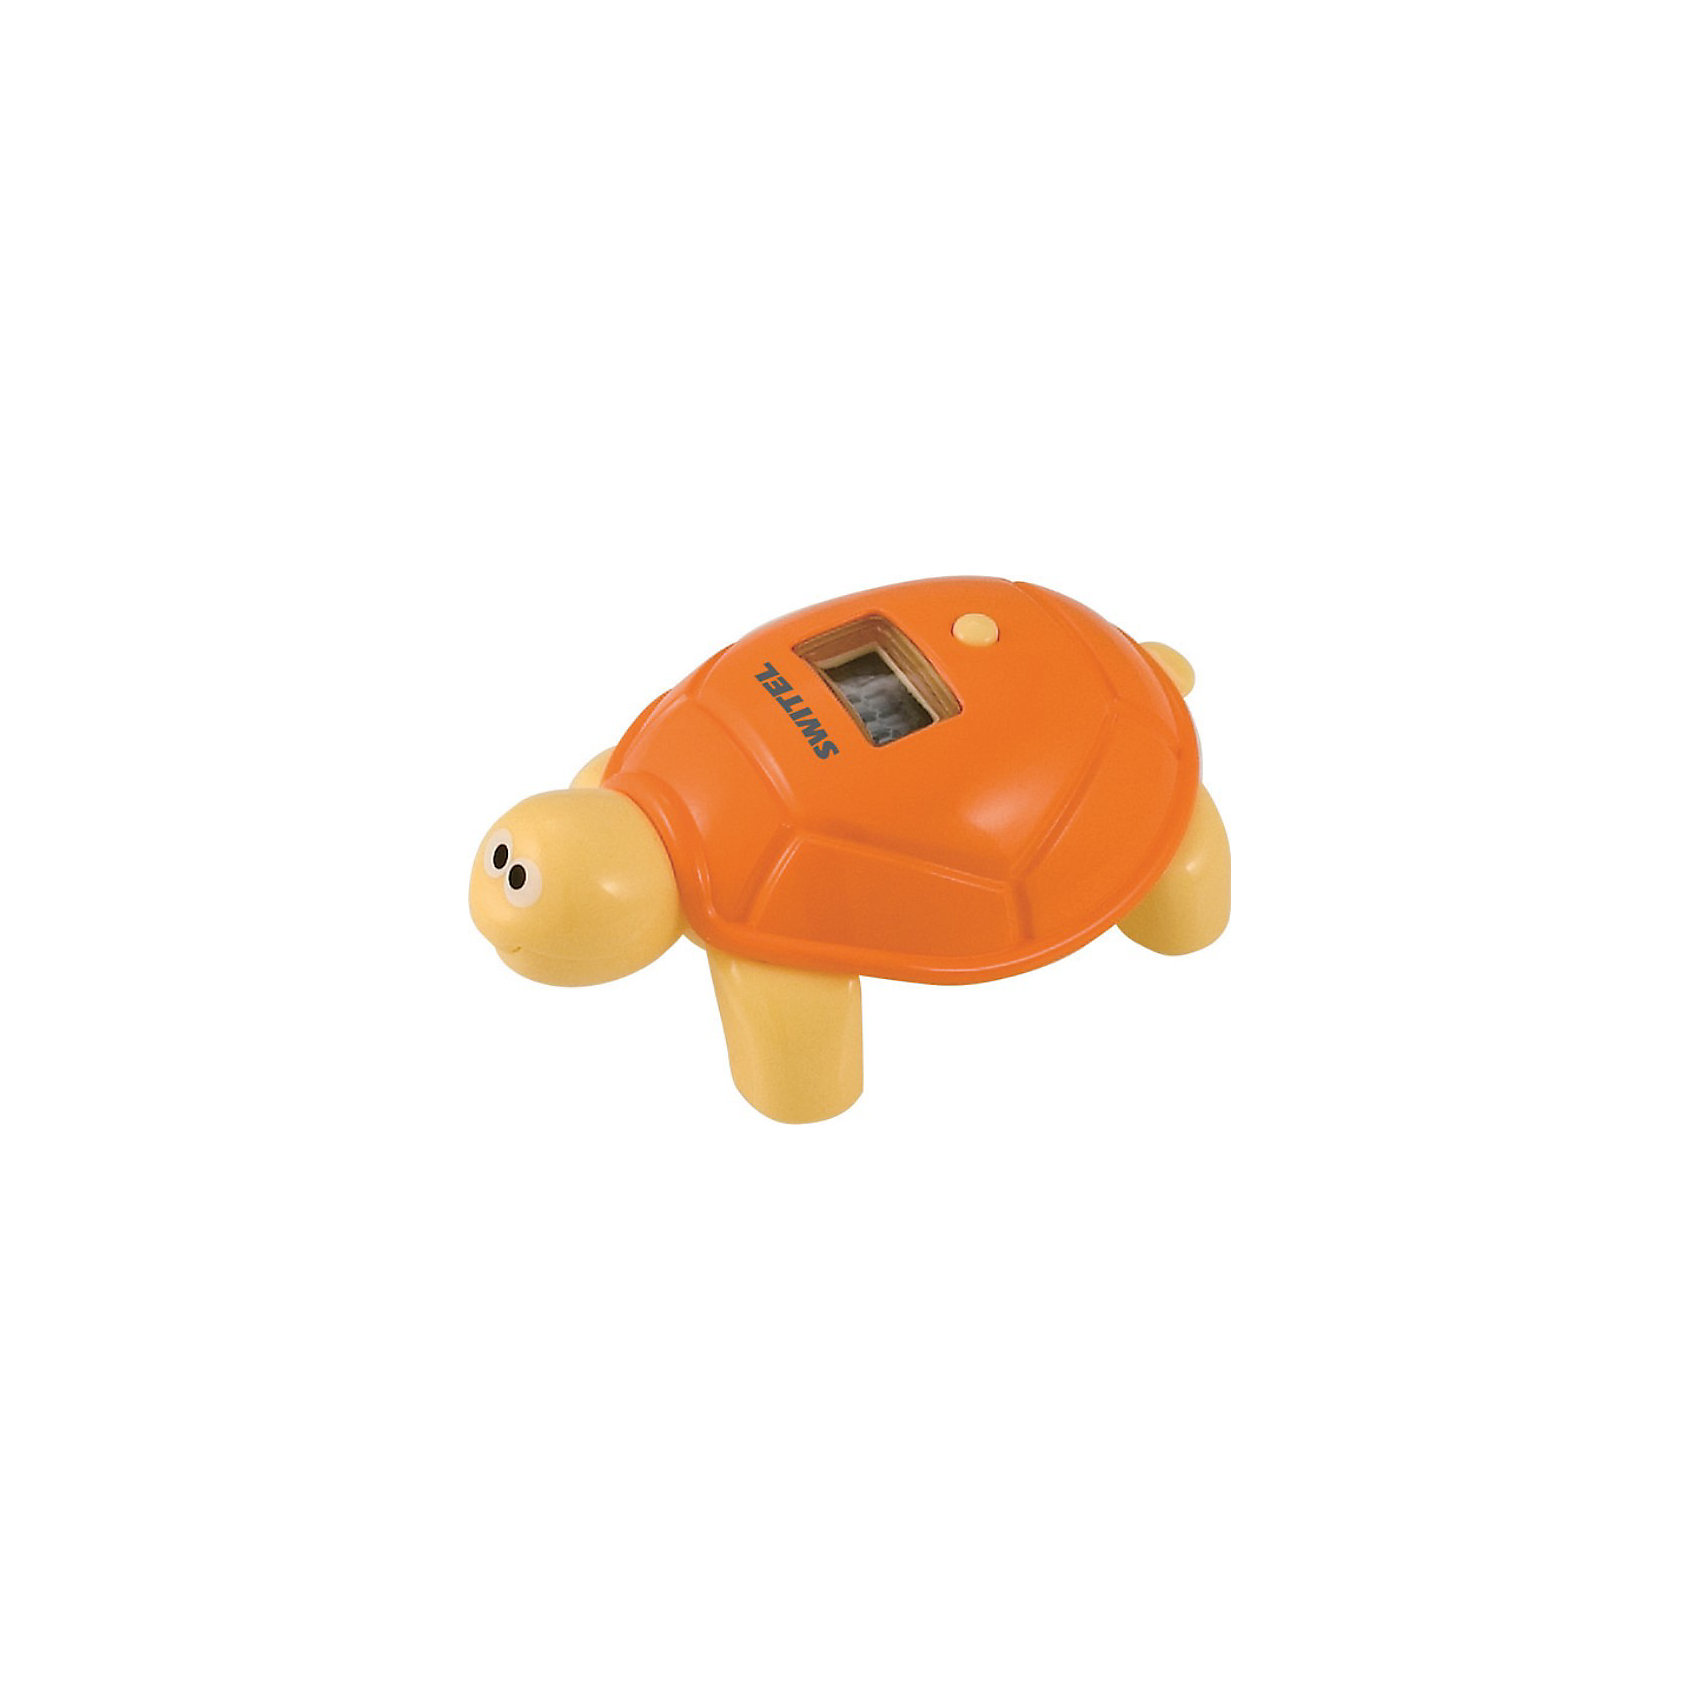 Детский термометр для ванной BC200, SWITELДетский термометр для ванной BC200 SWITEL  <br><br>Термометр для ванной Швейцарской компании SWITEL позволить точно определить наиболее комфортную для купания малыша температуру (32-38 градусов).<br><br>Этот водонепроницаемый и непотопляемый детский термометр одновременно станет забавной игрушкой на время купания. <br><br>Производитель (бренд): Switel (Babies &amp; Kids)<br><br>Ширина мм: 150<br>Глубина мм: 130<br>Высота мм: 60<br>Вес г: 200<br>Возраст от месяцев: 0<br>Возраст до месяцев: 36<br>Пол: Унисекс<br>Возраст: Детский<br>SKU: 2507753